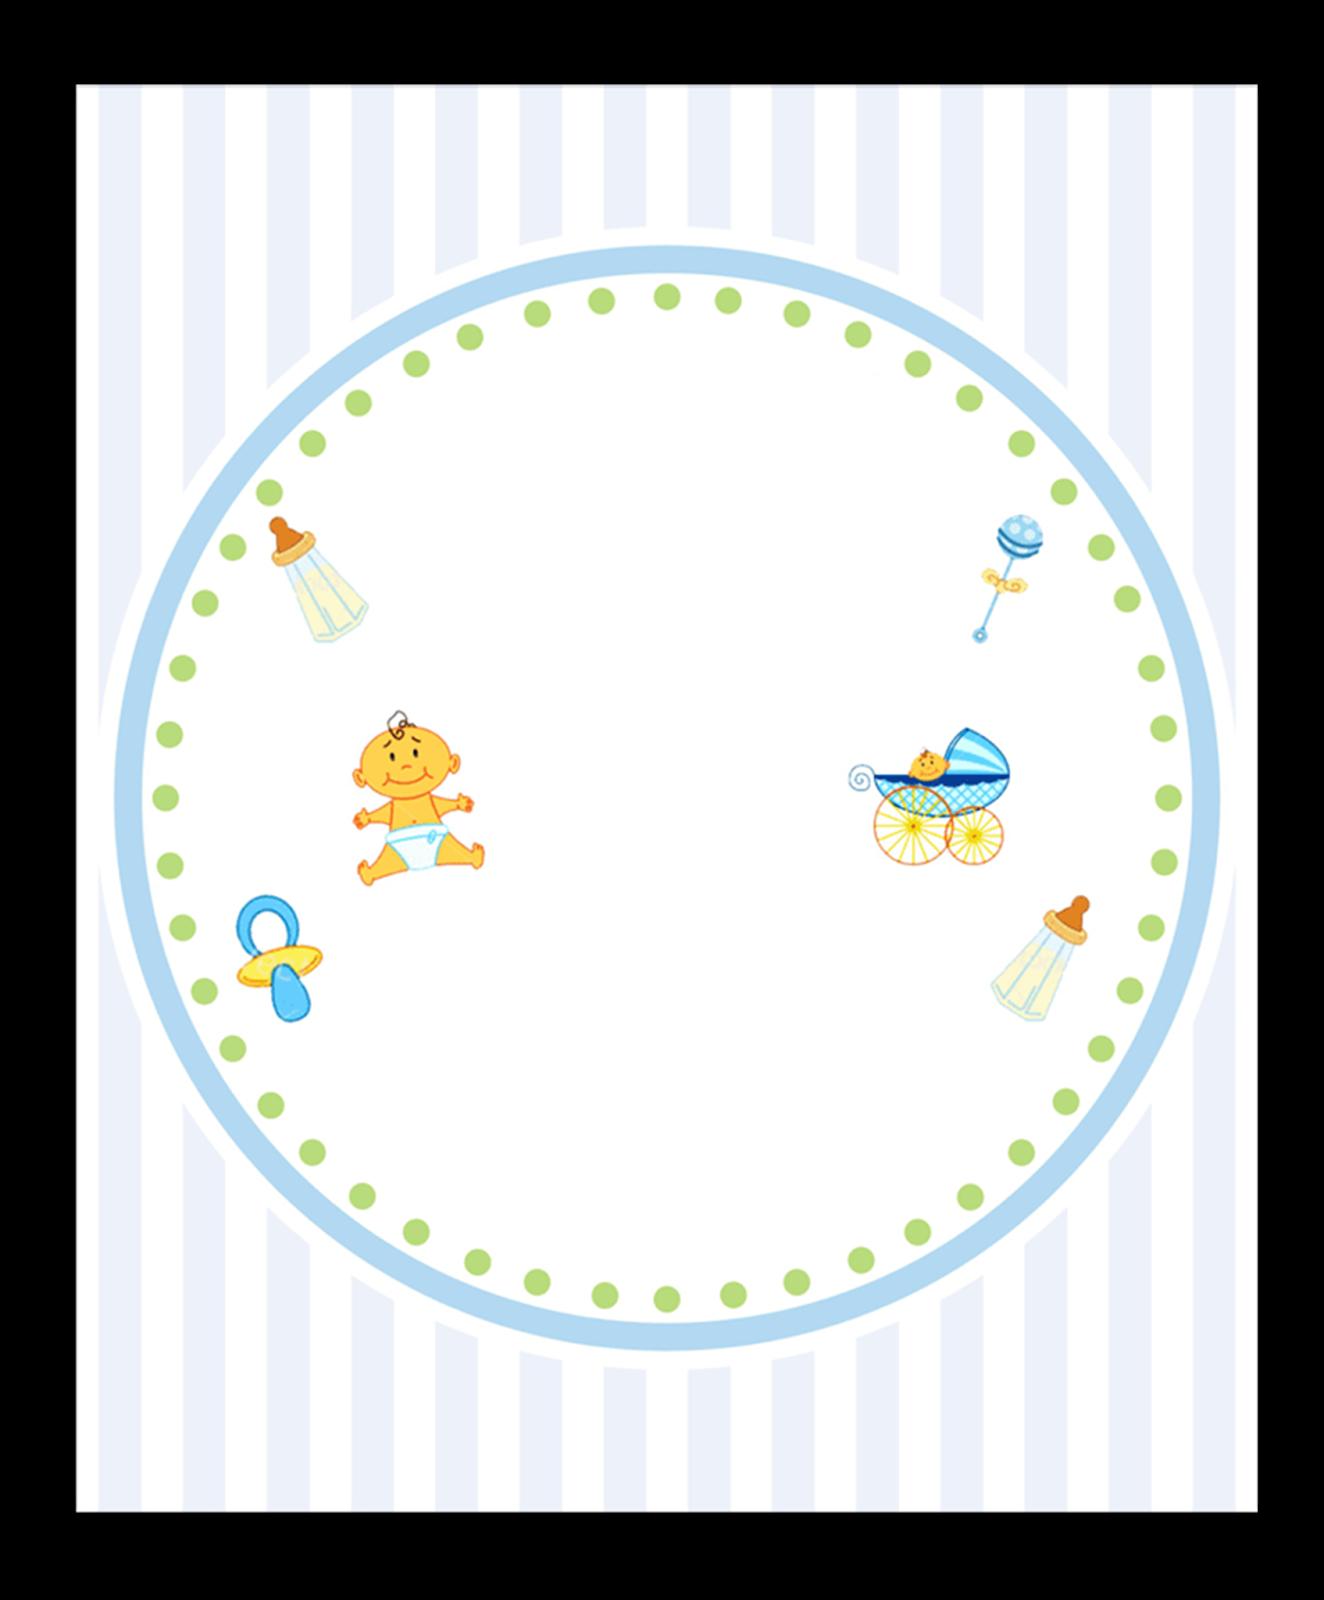 Kartu Ucapan Aqiqah Bisa Di Edit : kartu, ucapan, aqiqah, Template, Kartu, Aqiqah, Bayi,, Kartu,, Kelahiran